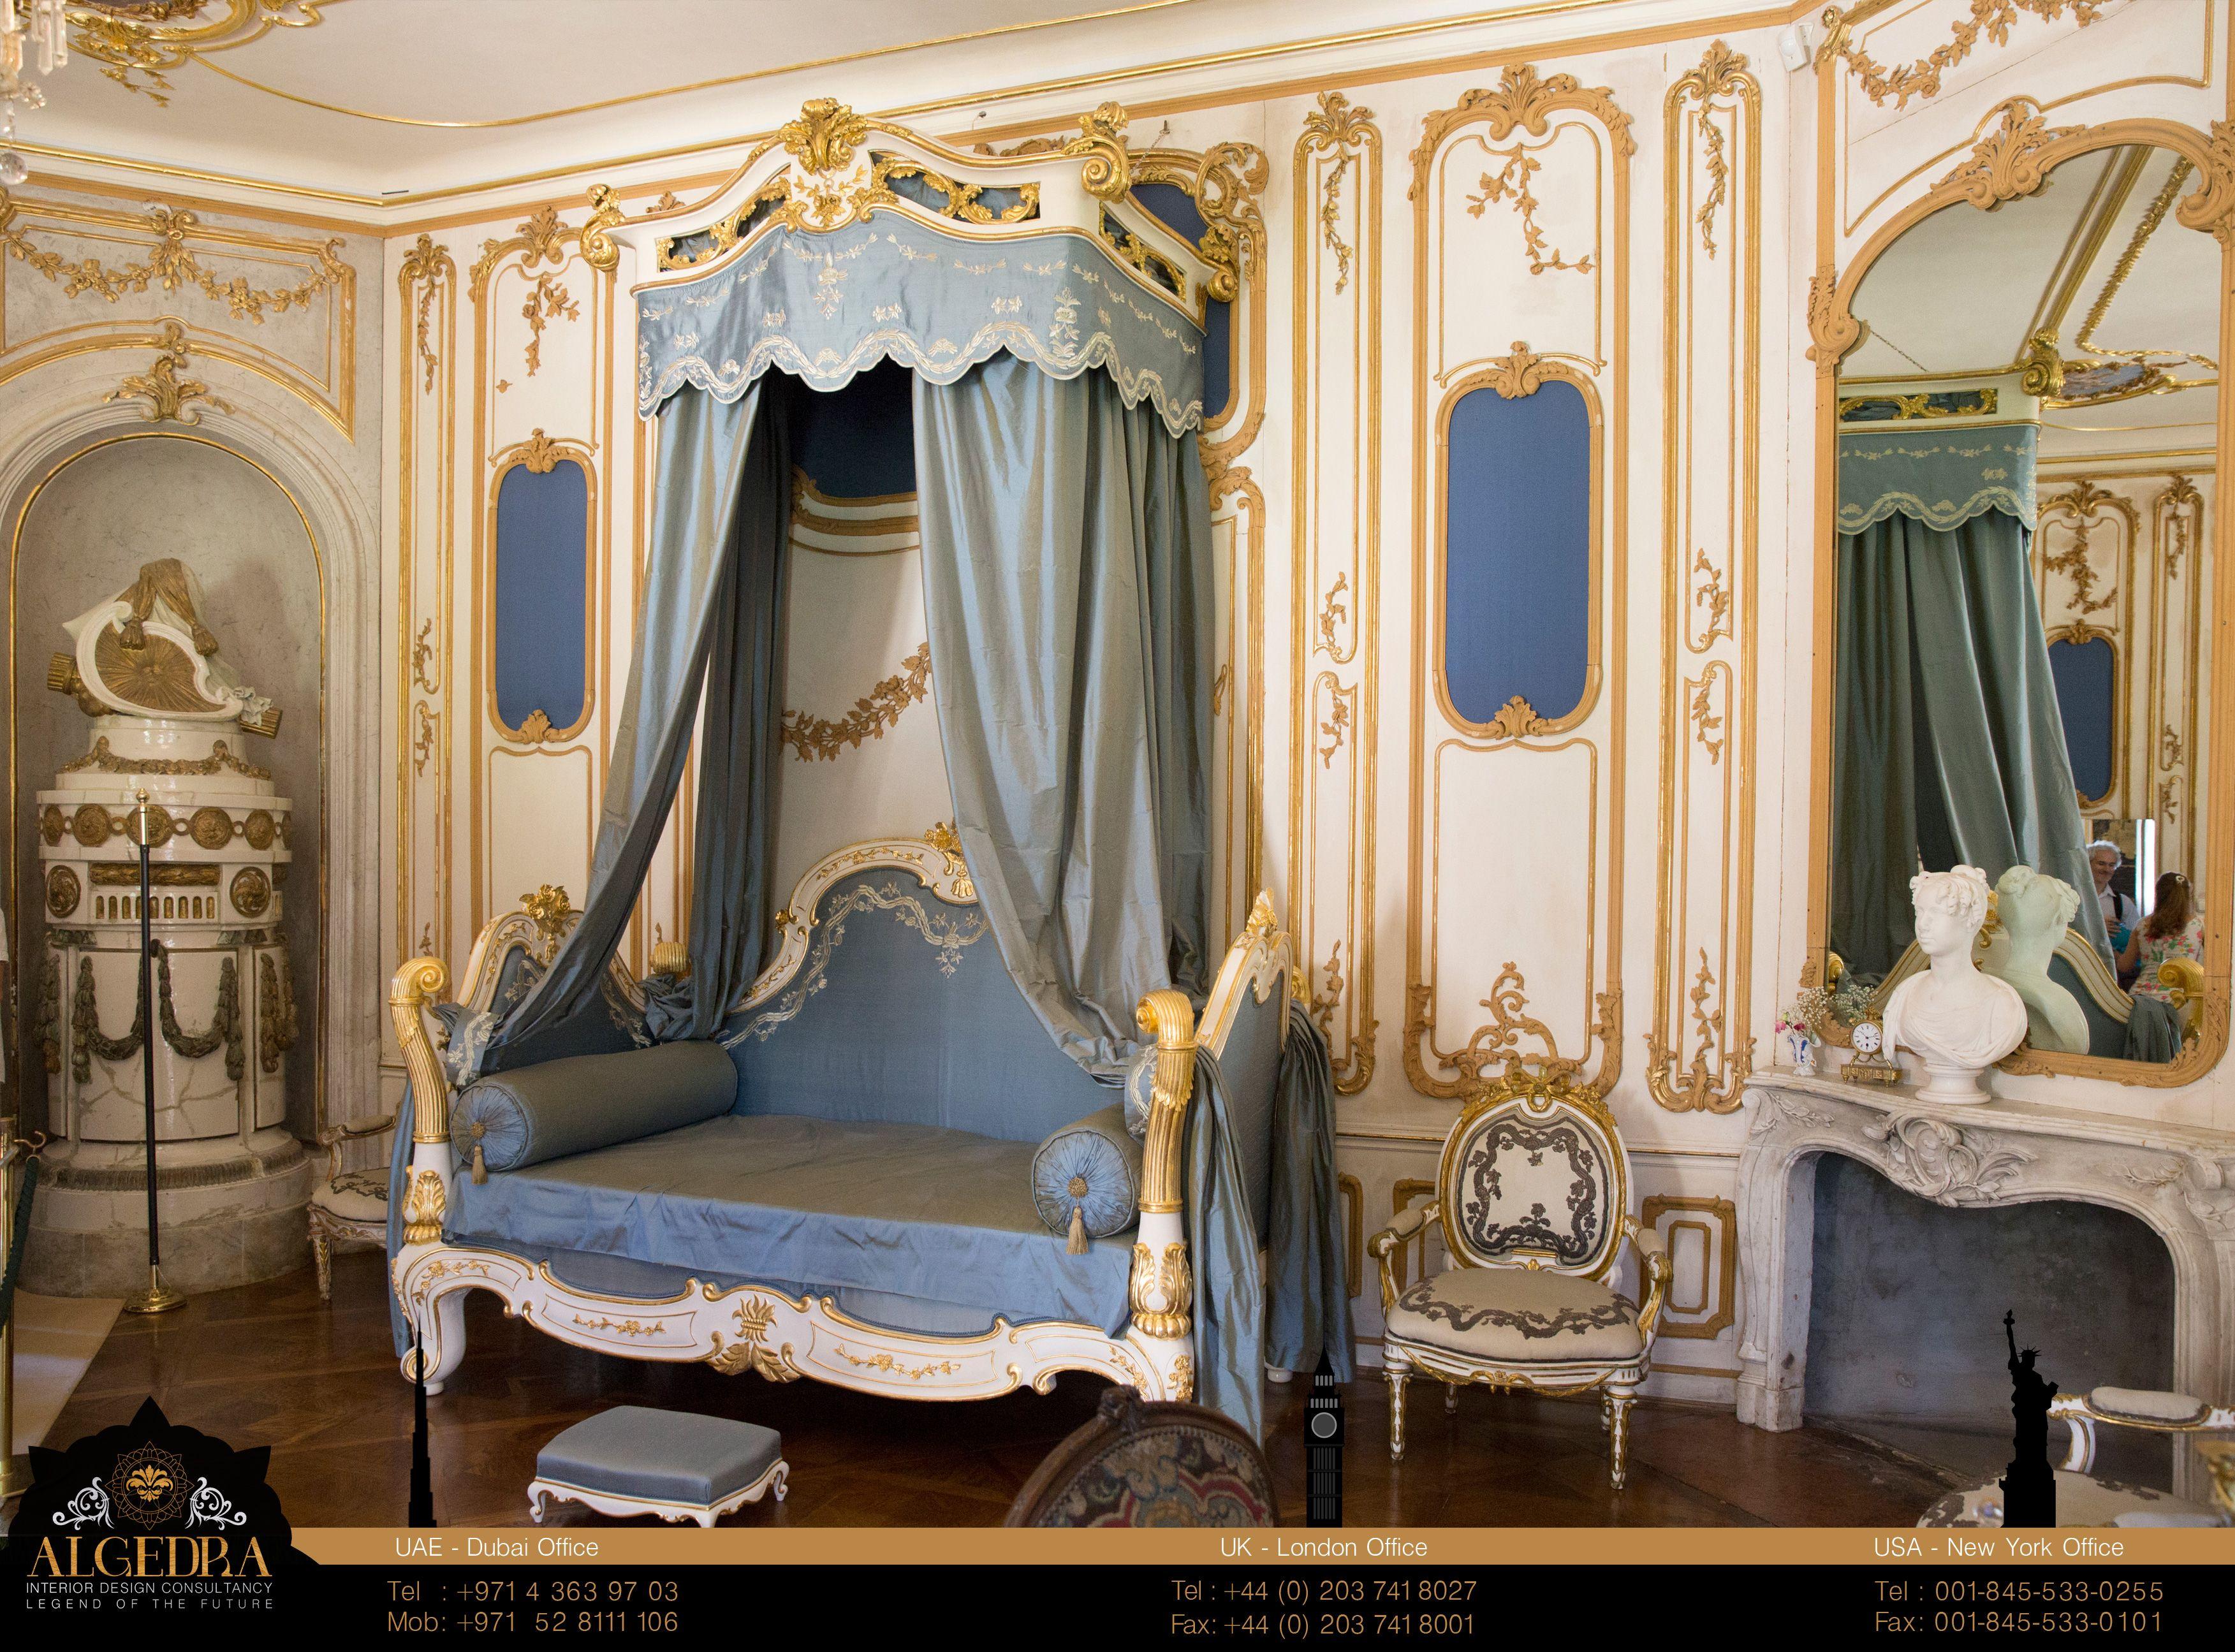 rococo style by algedra interior design design home